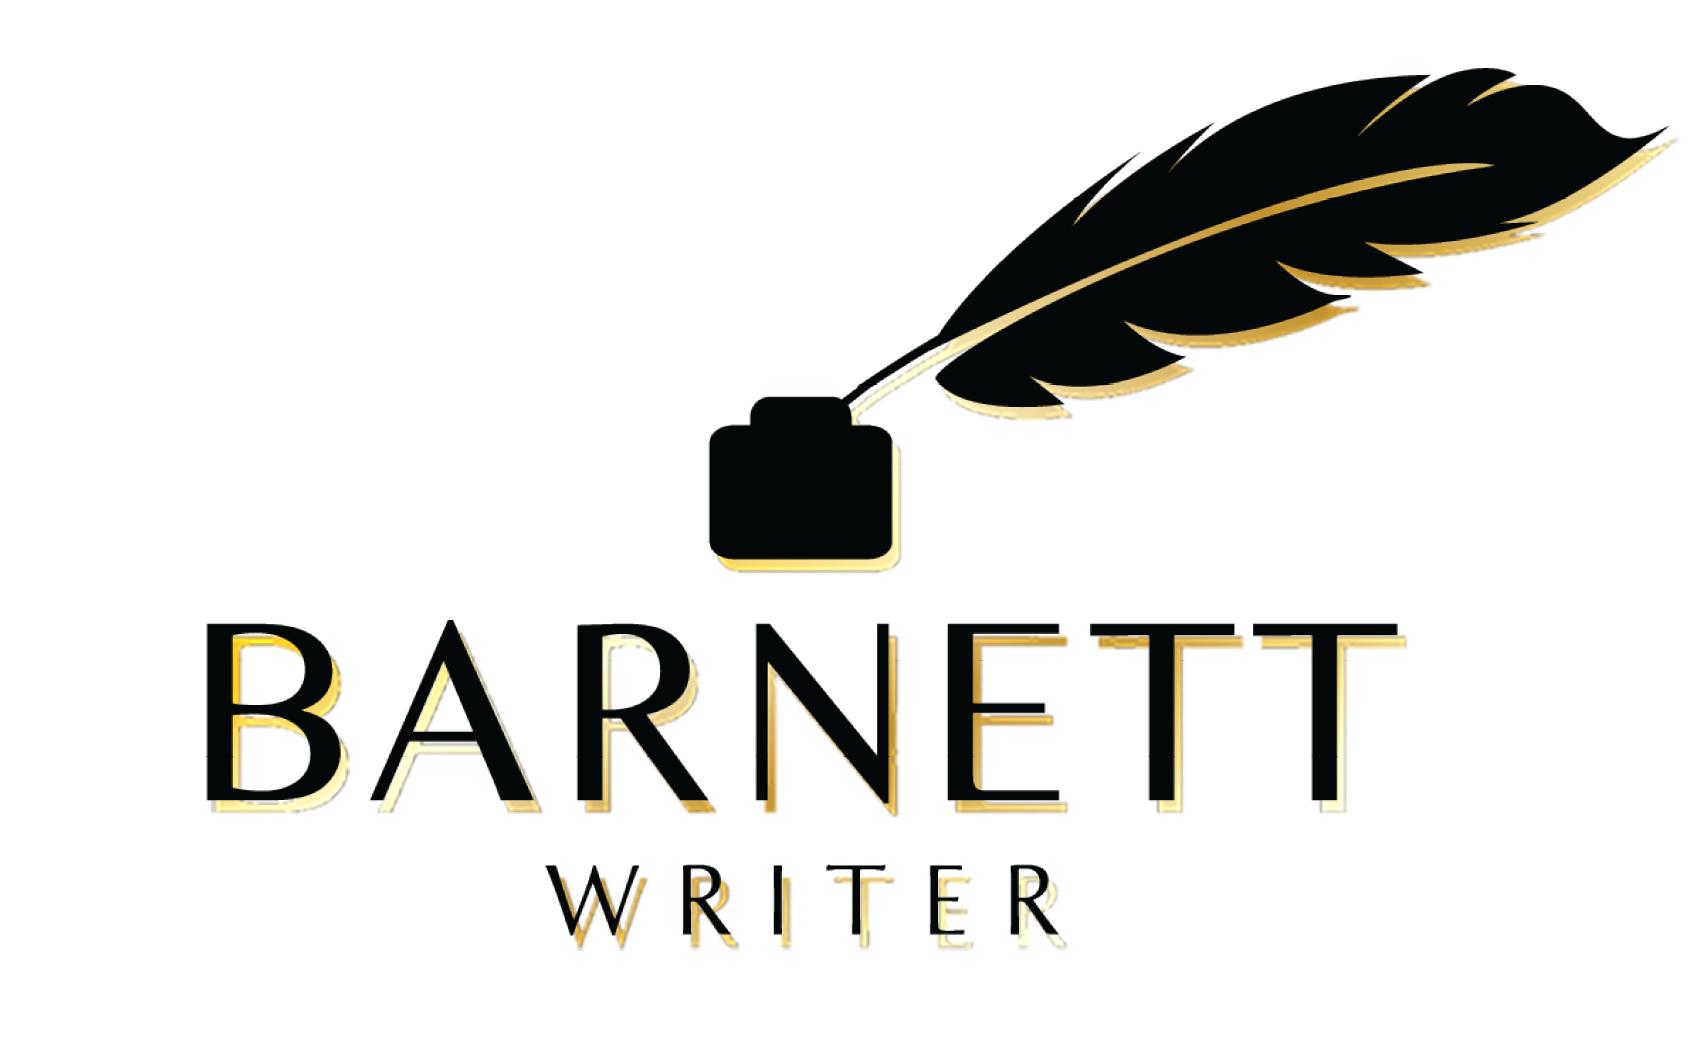 Barnett Writer